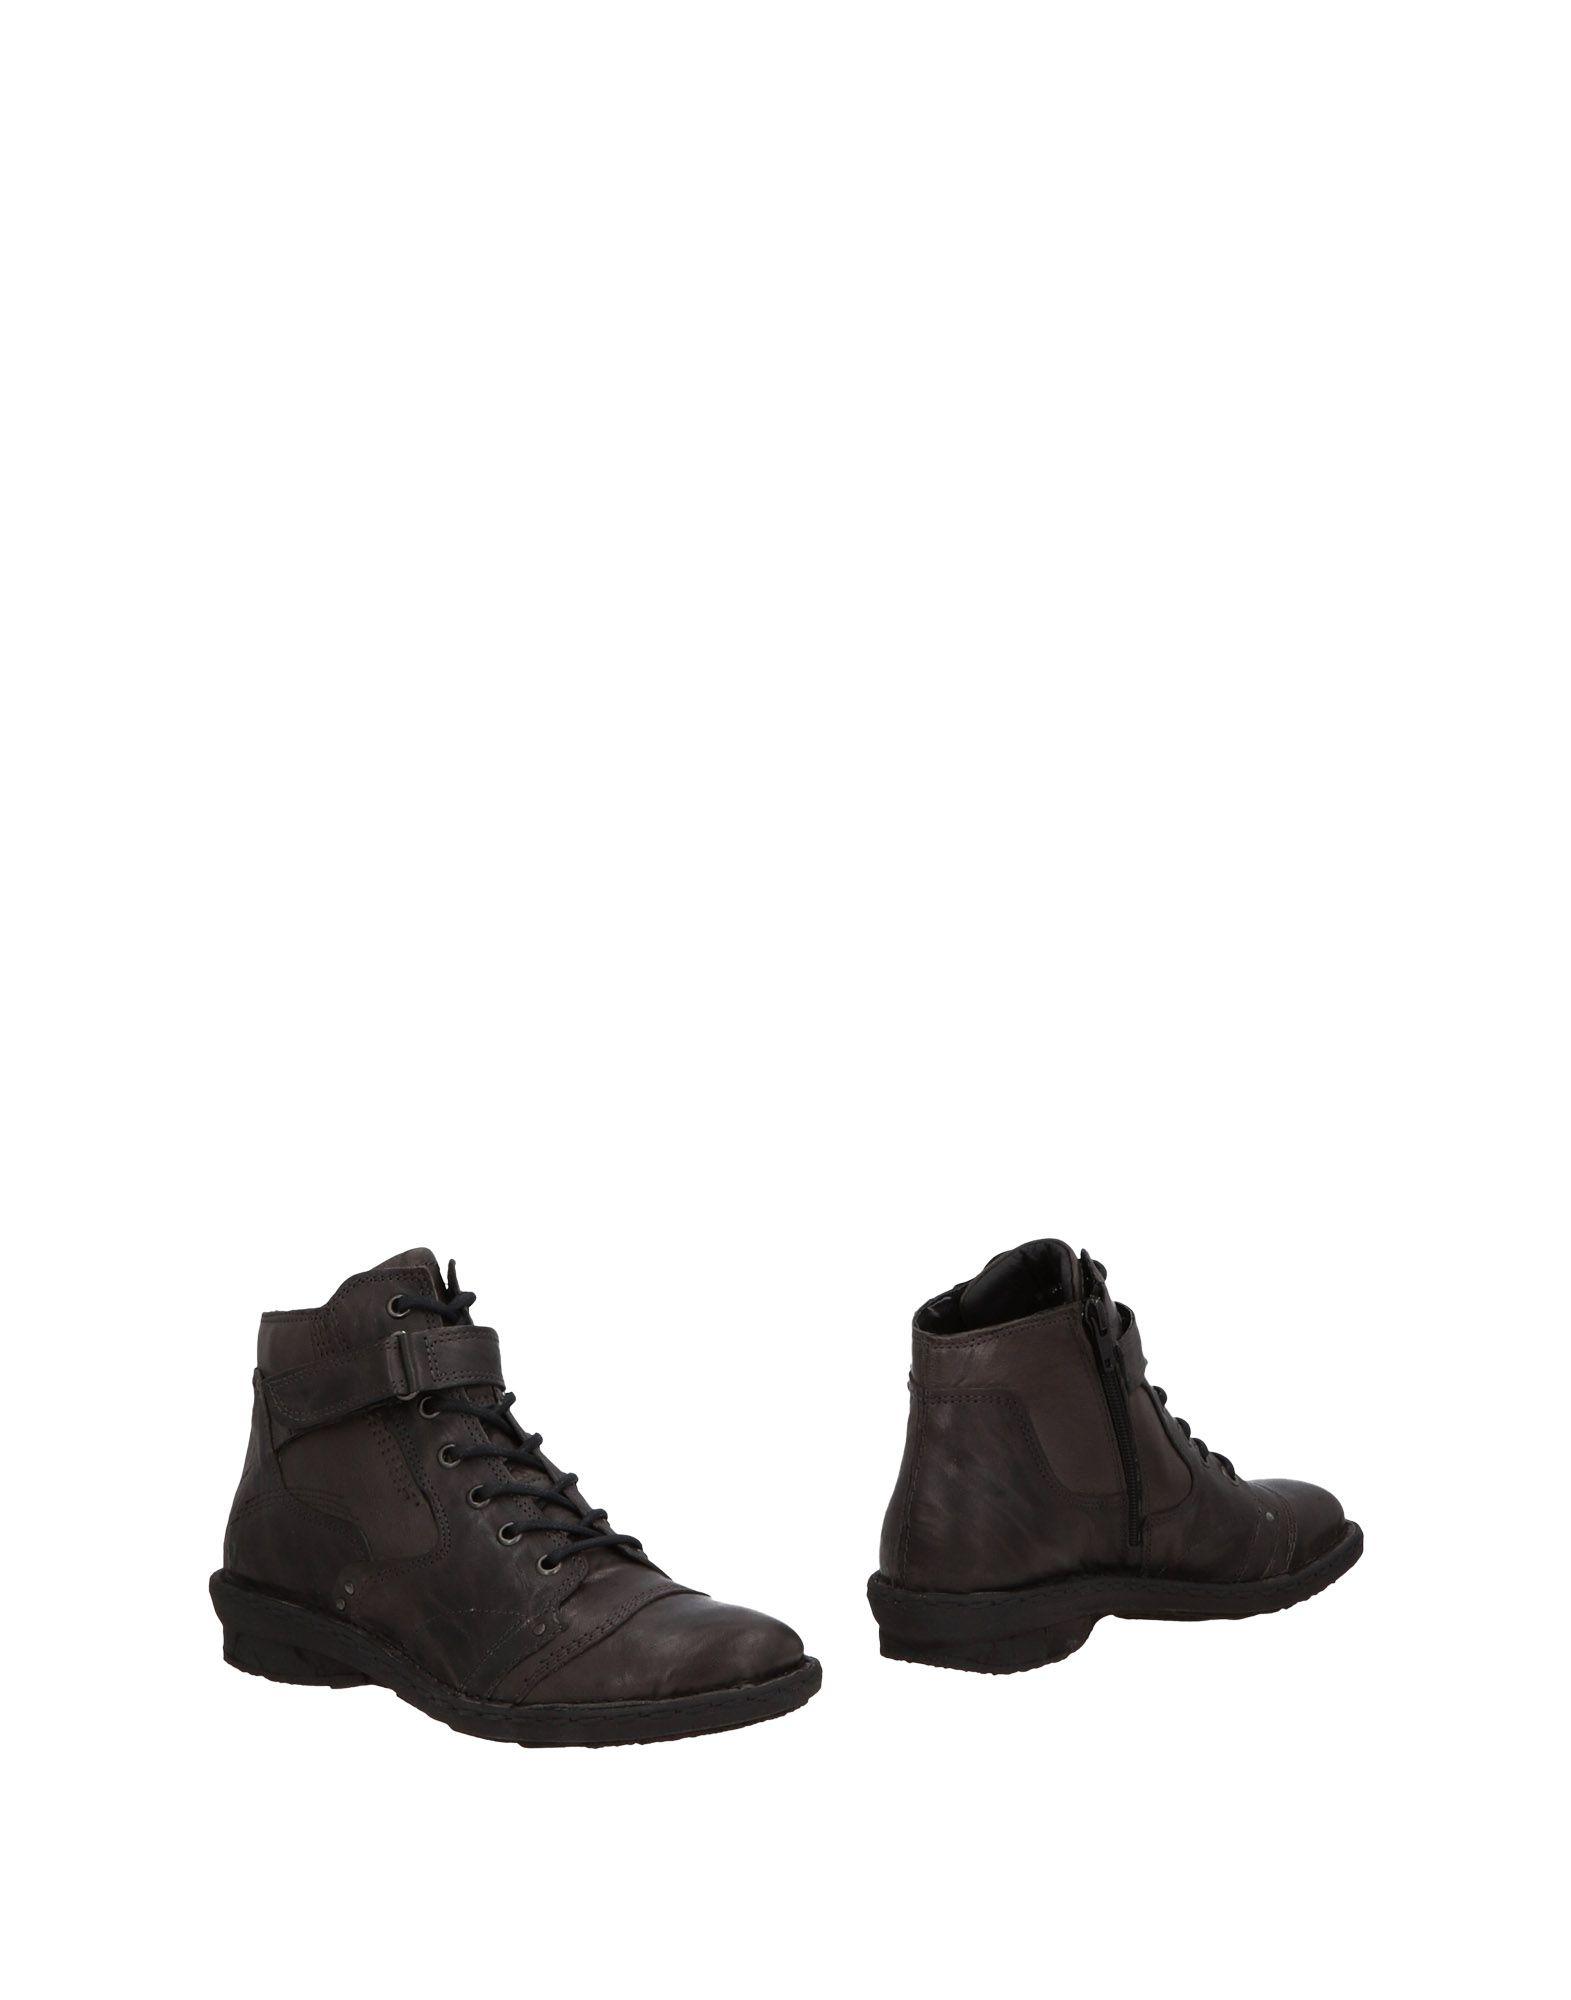 Khrio' Stiefelette Damen  11477458FV Gute Qualität beliebte Schuhe